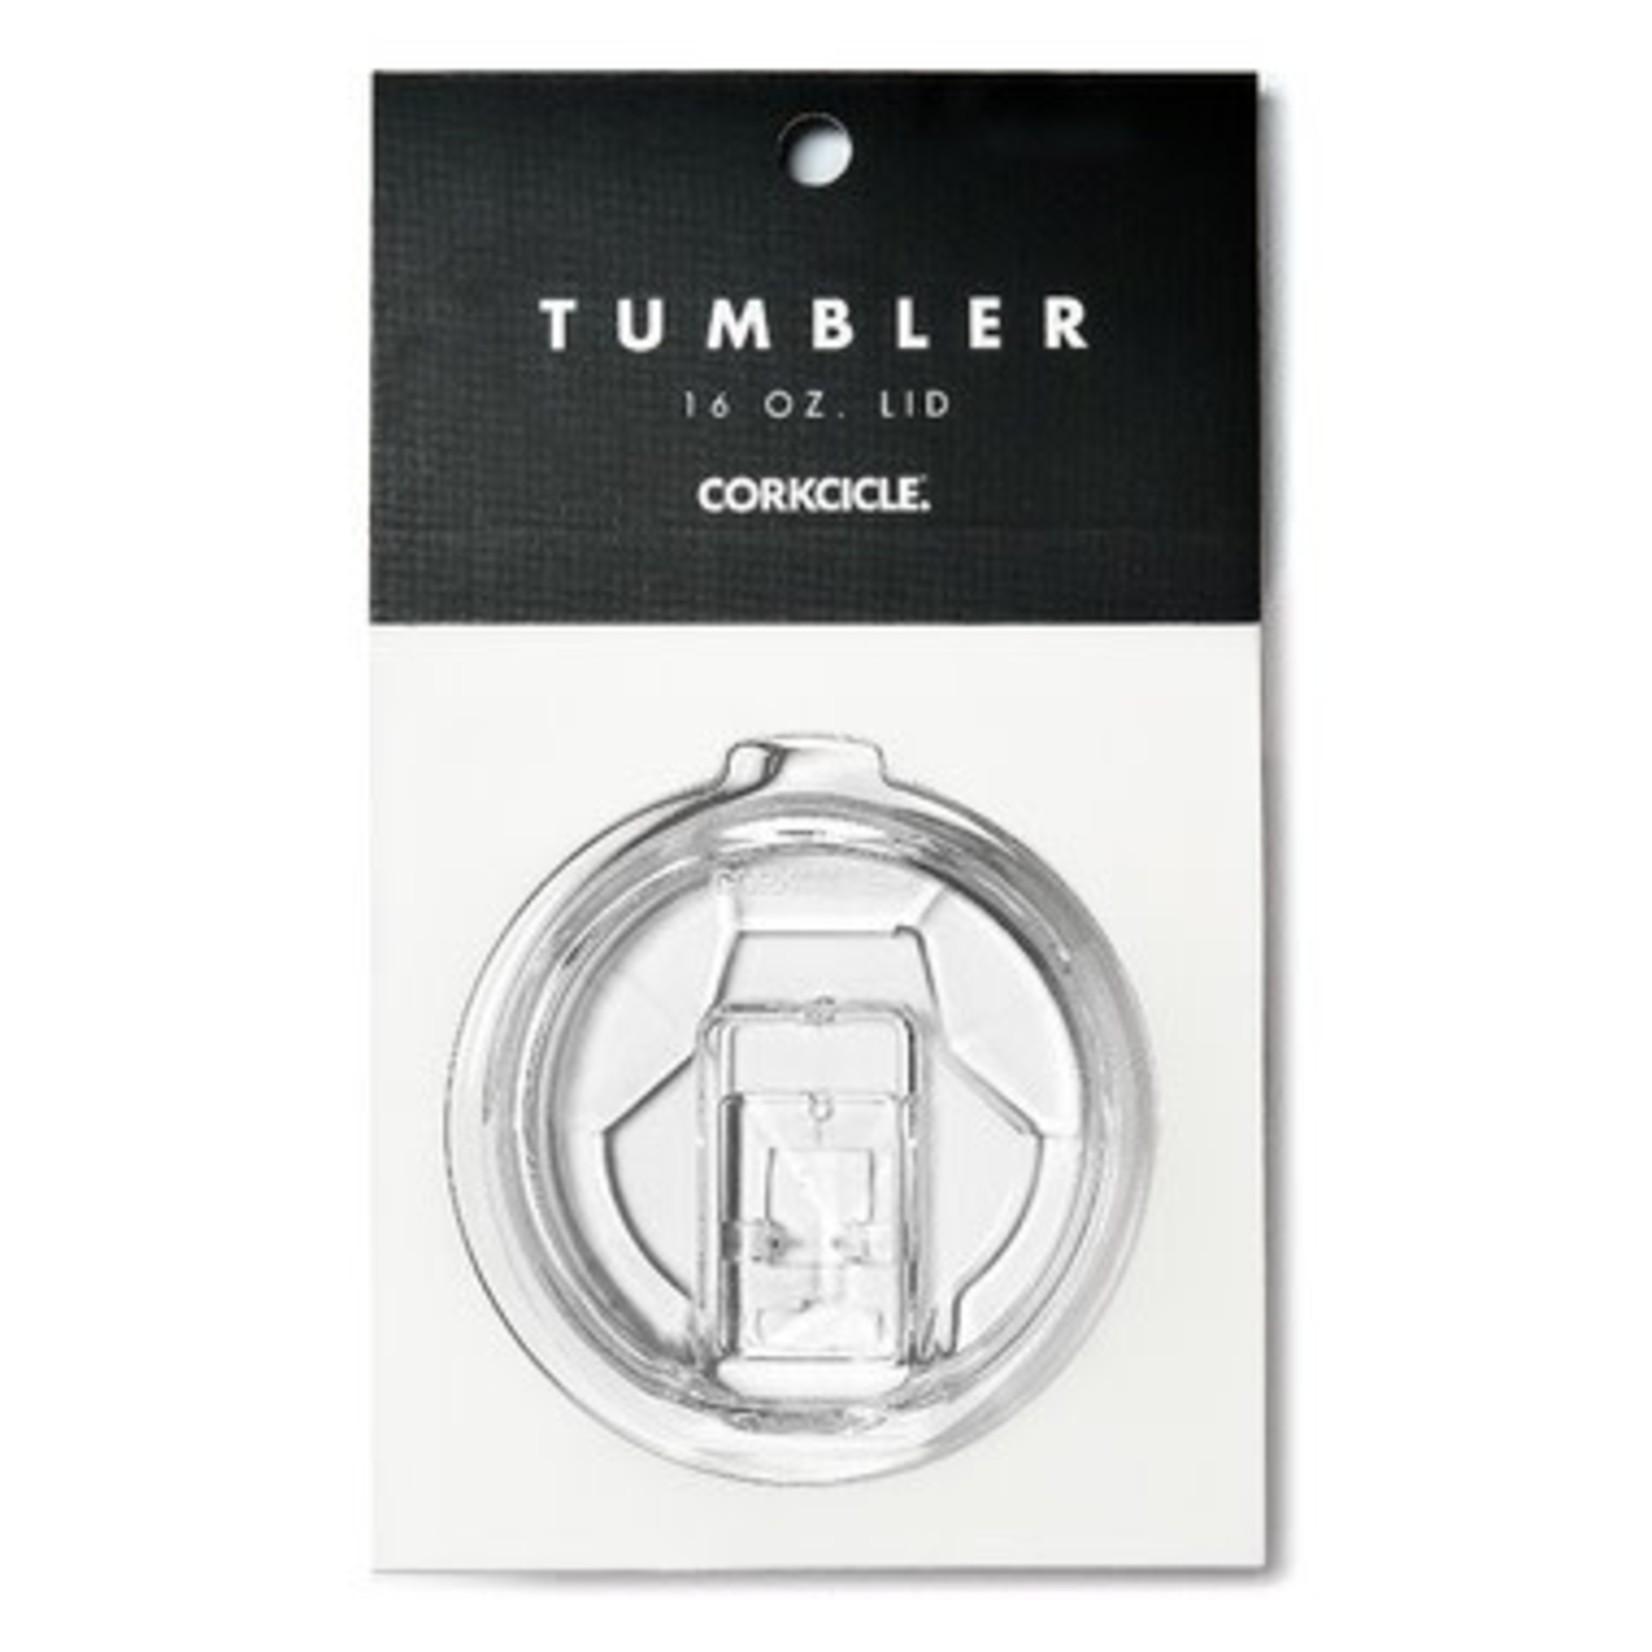 Corkcicle 16 oz Tumbler Lid